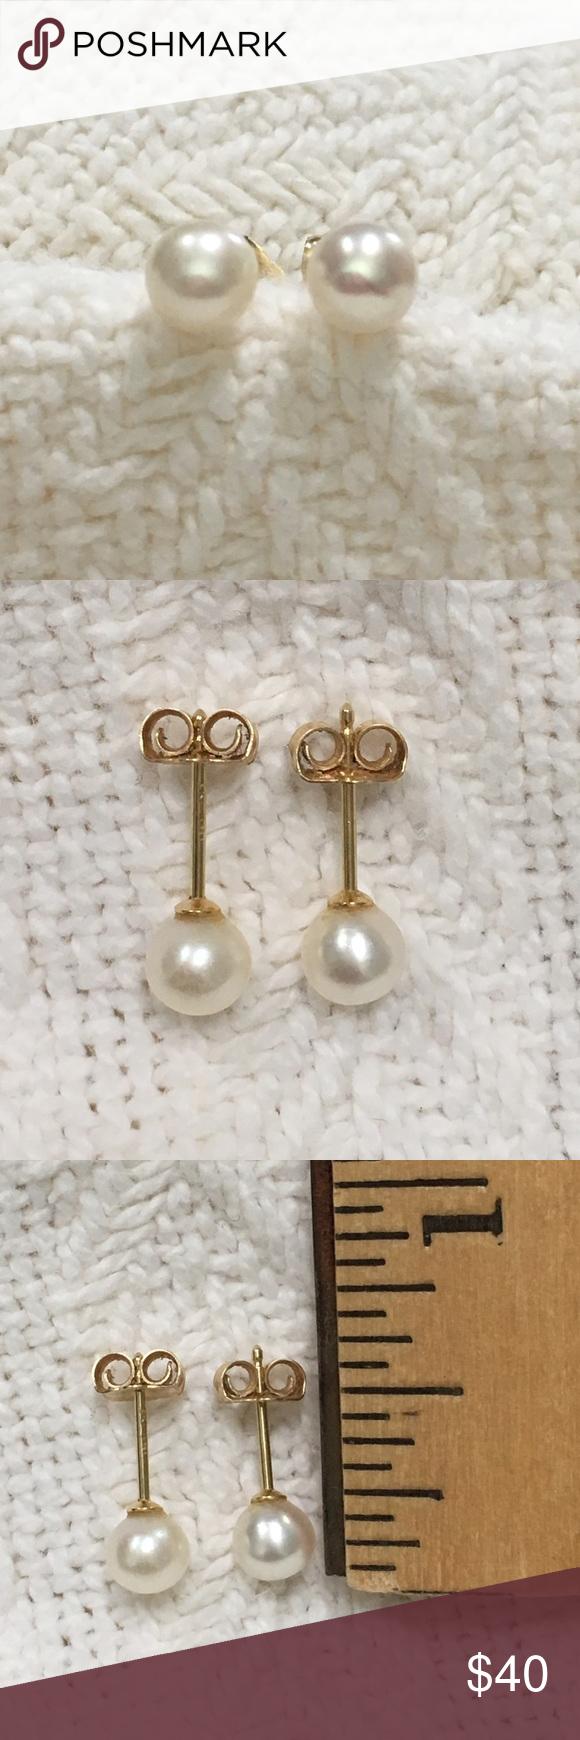 Solid 14k Gold Genuine Pearl Stud Earrings 5mm Classic Pair Of Genuine  Pearl Earrings The